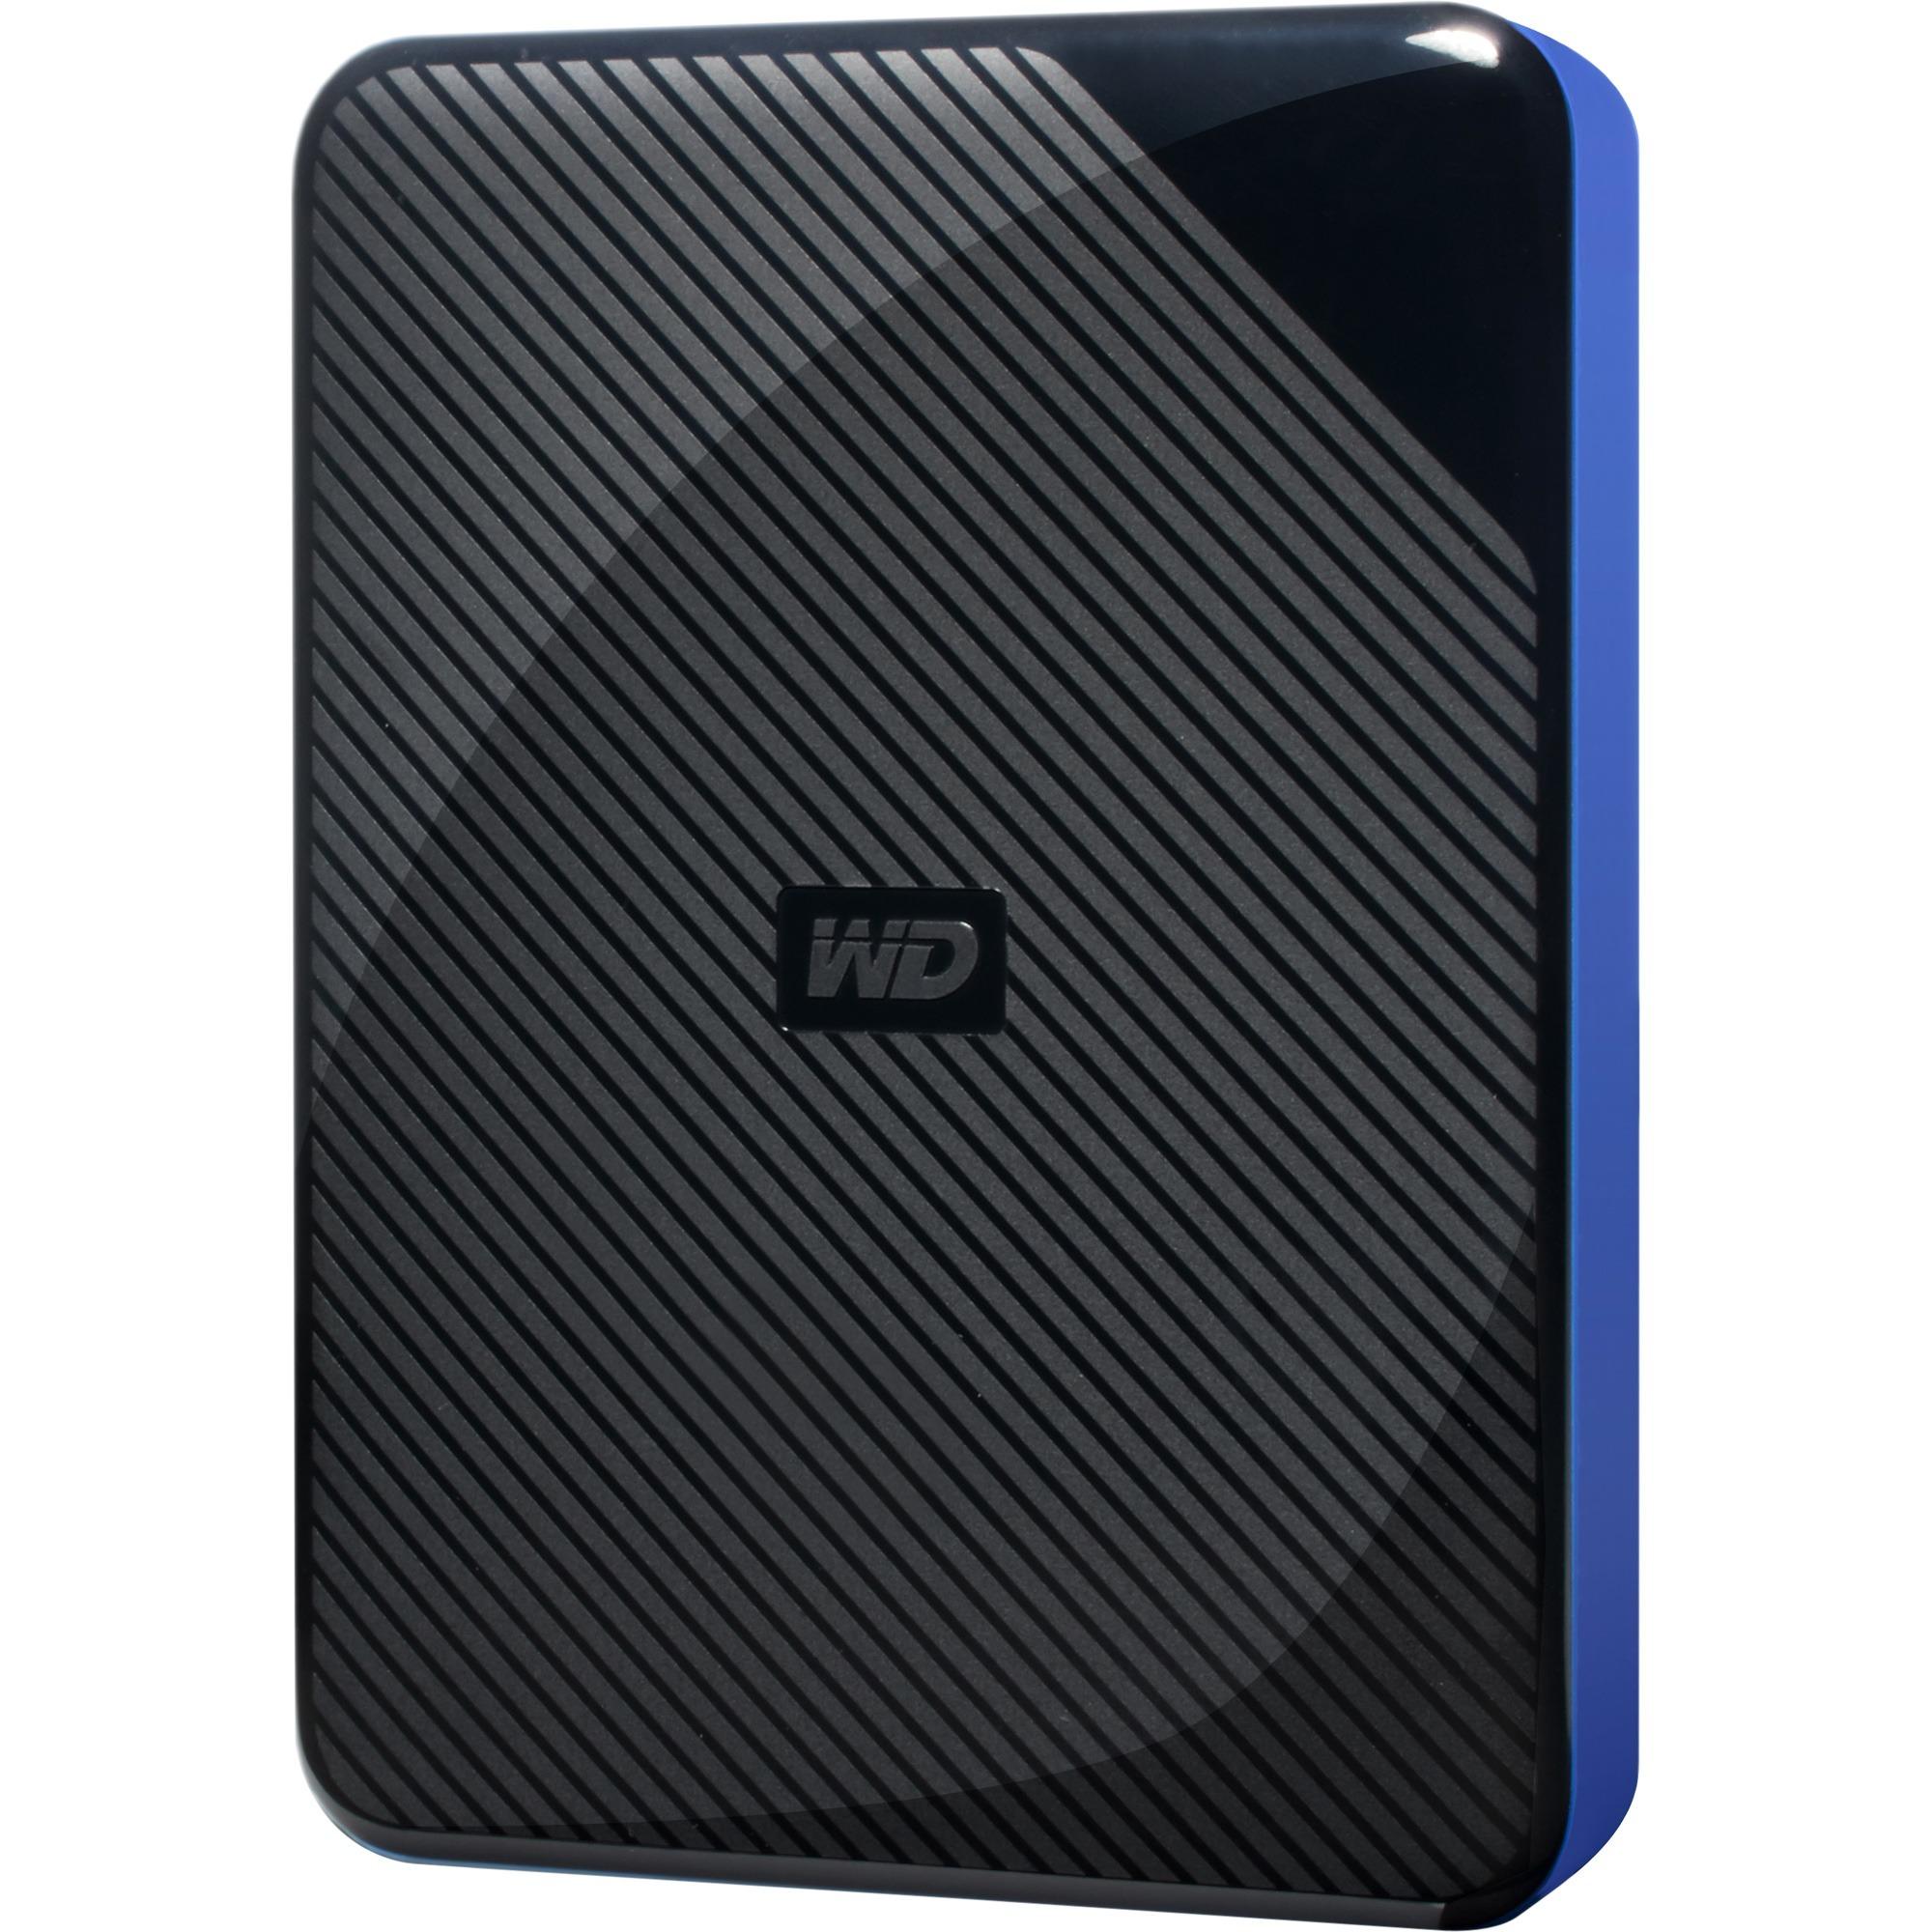 Gaming Drive Portable Hard Drive